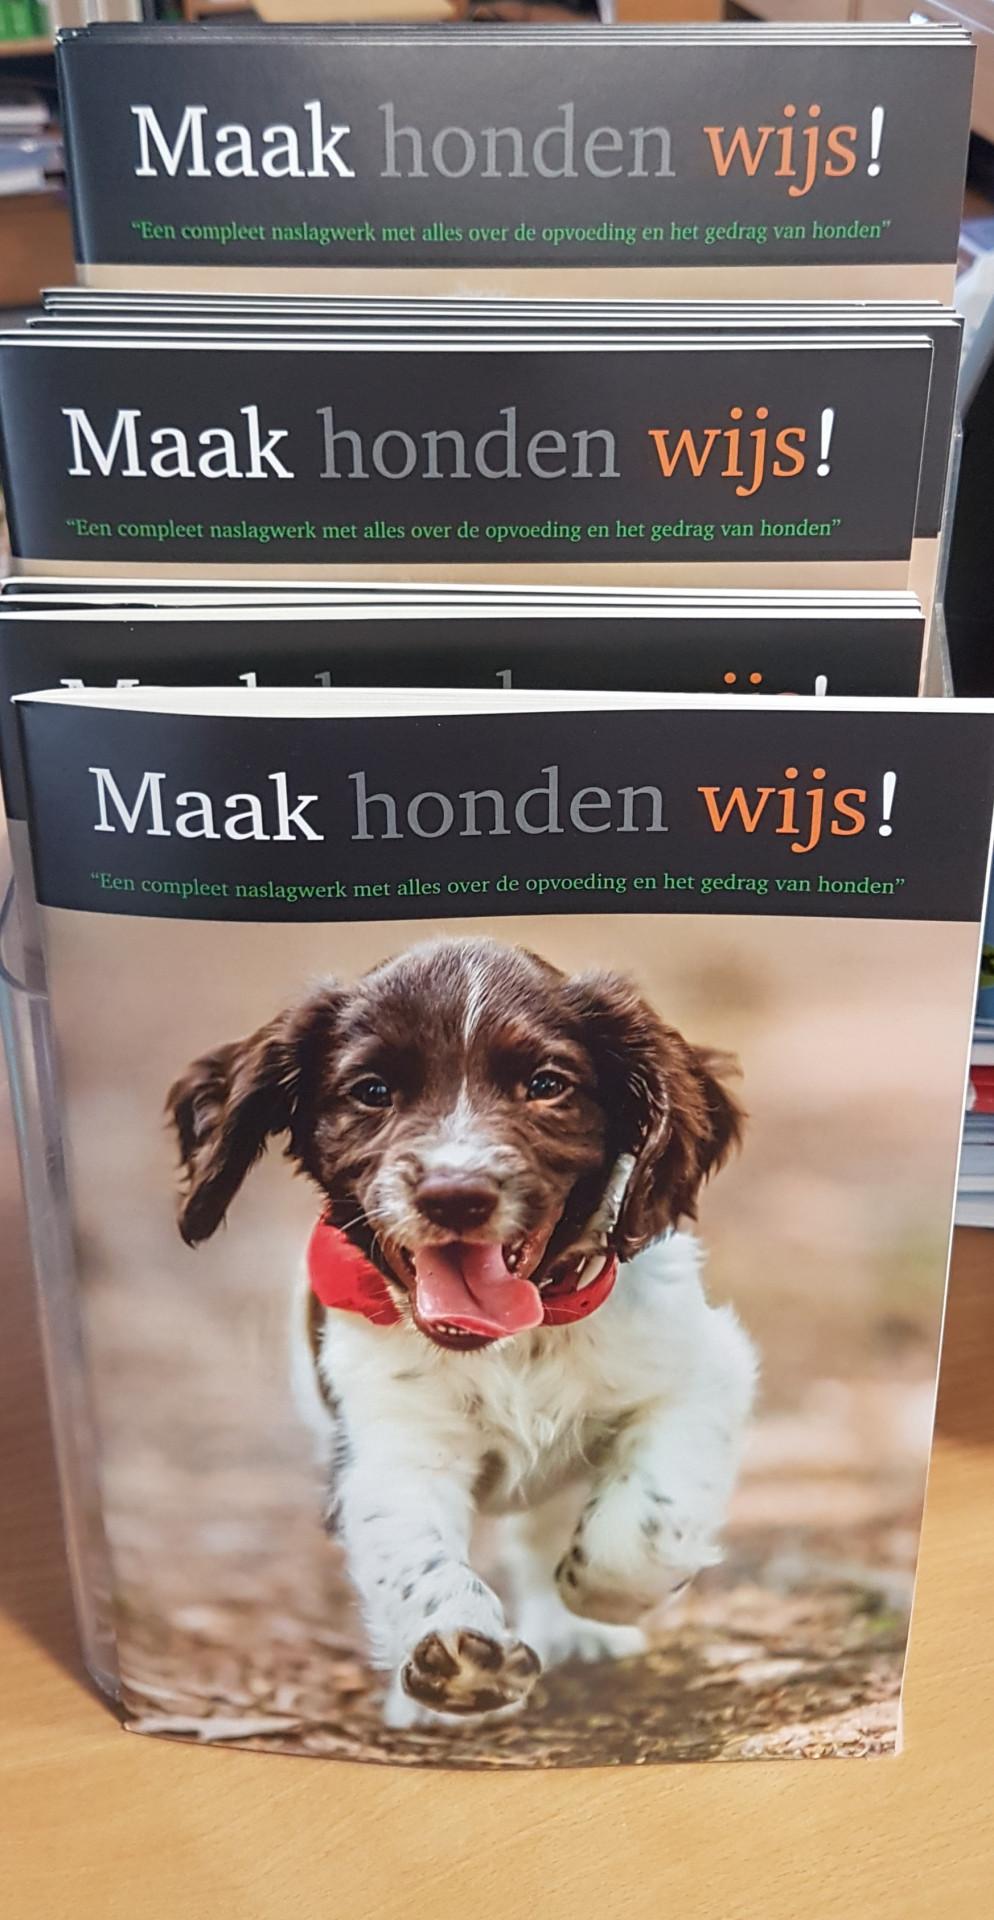 Maak honden wijs! magazine